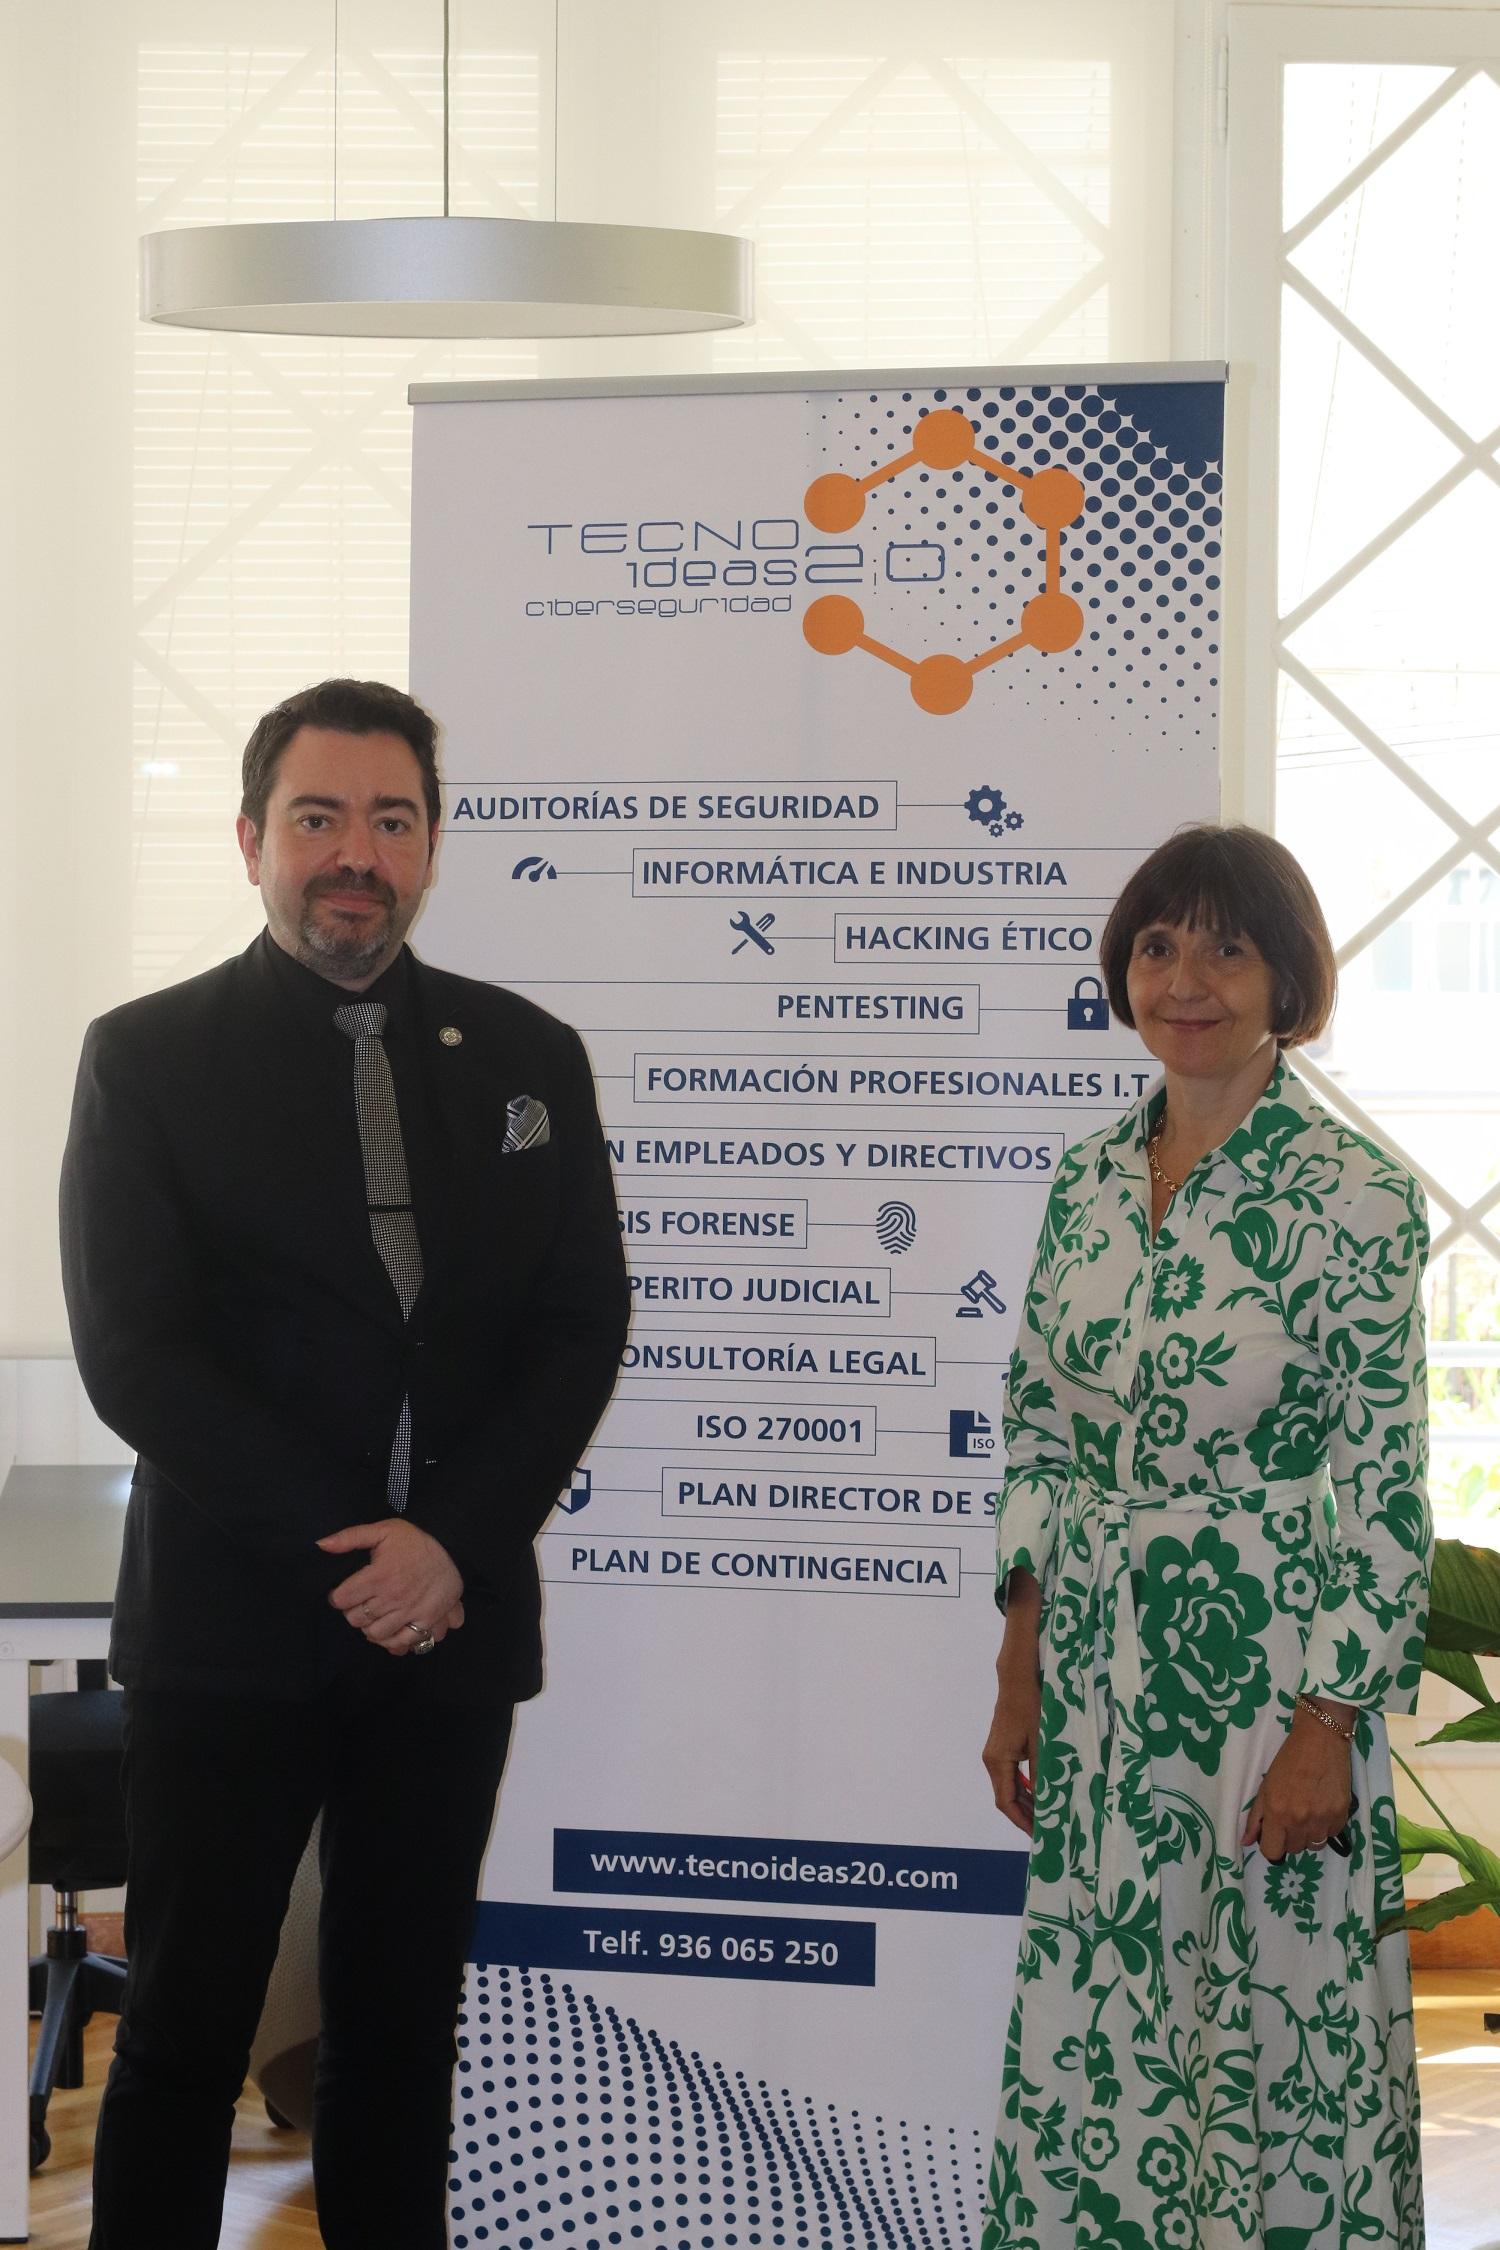 Entrevistamos a Oskhar Pereira, CEO de TECNOideas 2.0 ciberseguridad